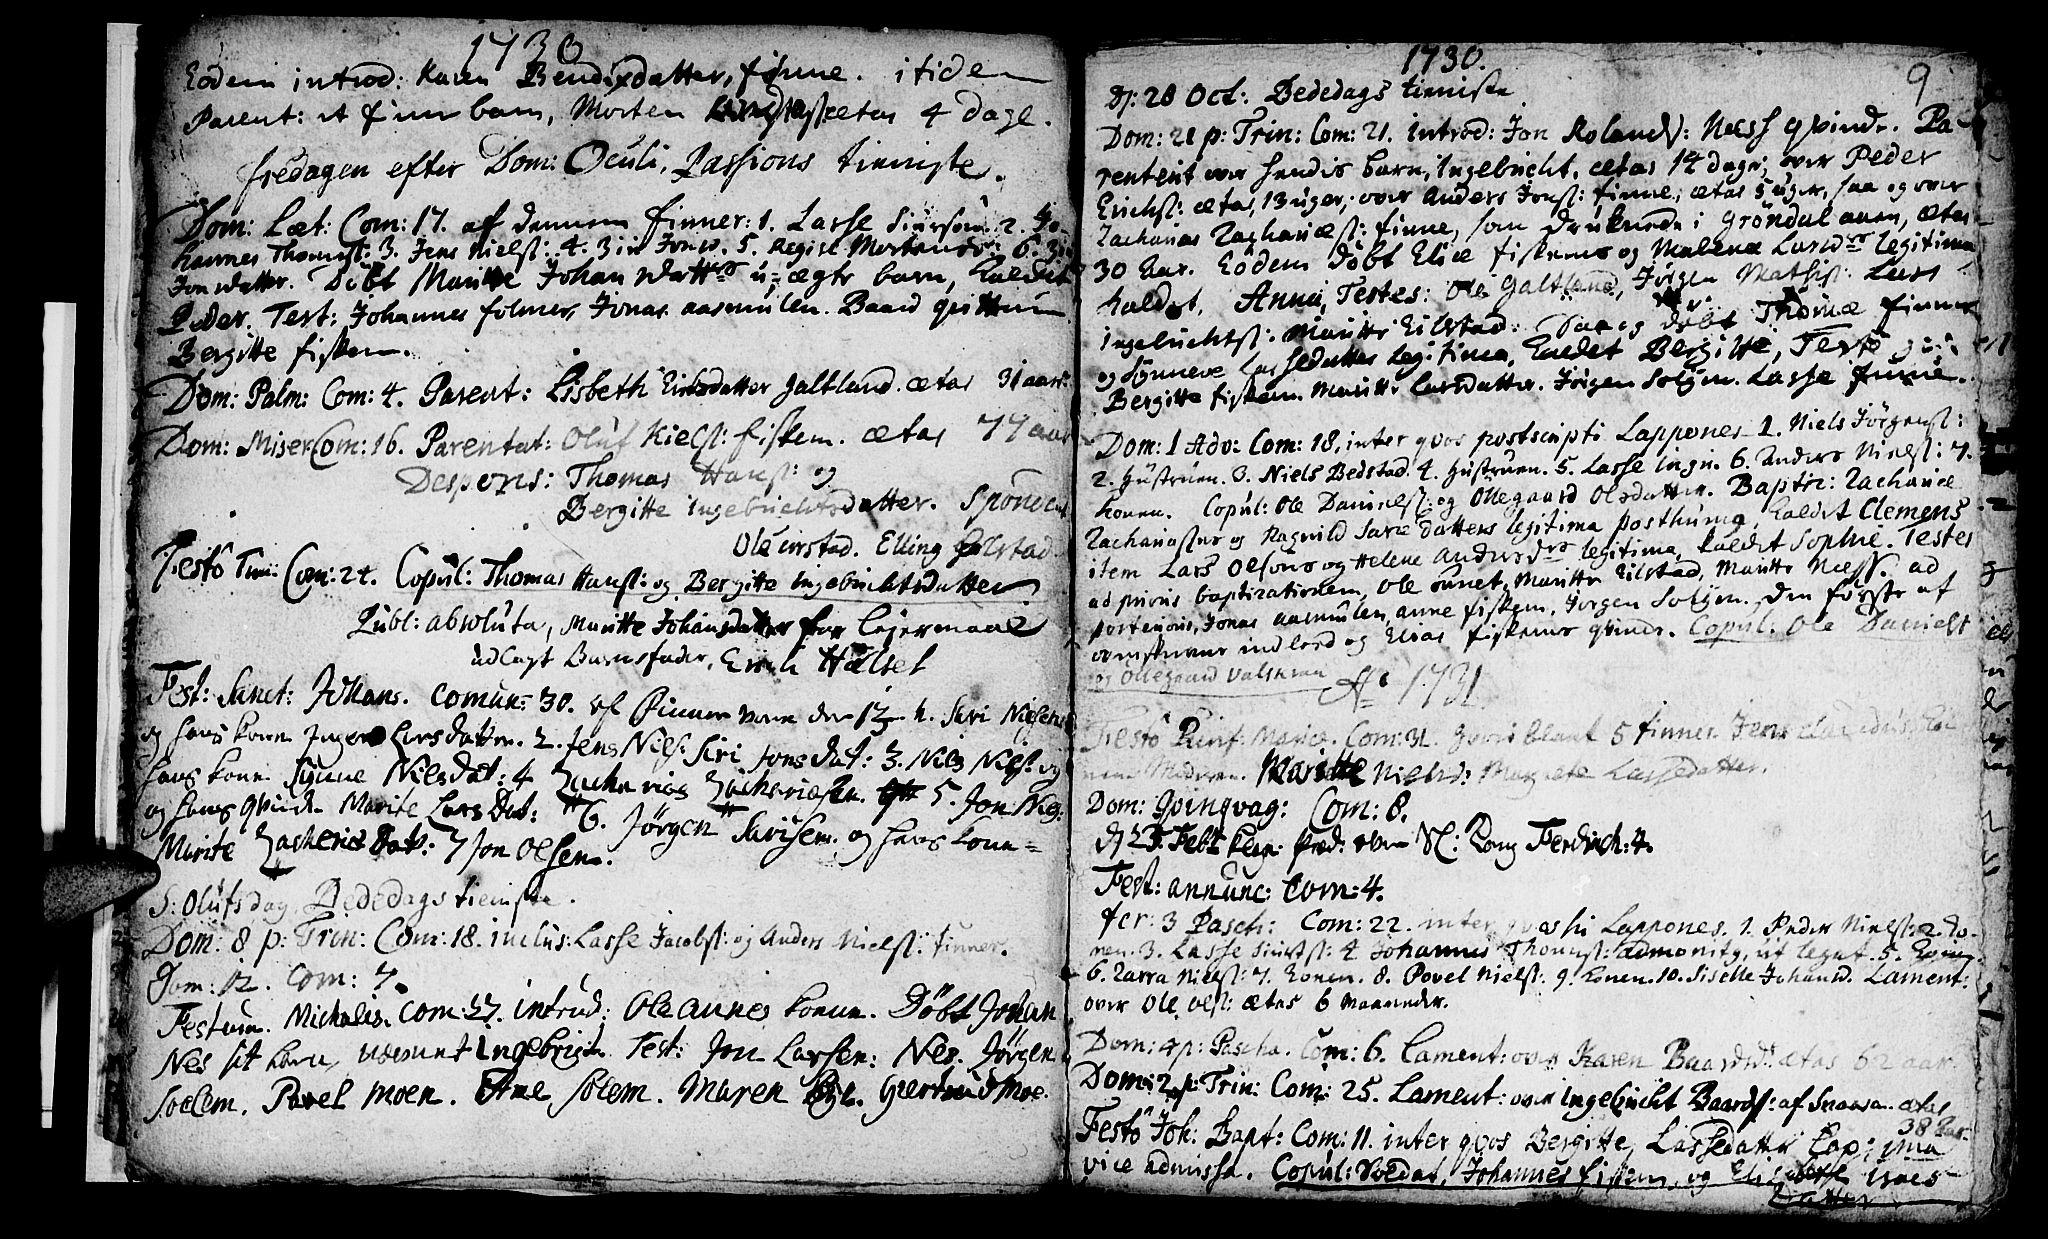 SAT, Ministerialprotokoller, klokkerbøker og fødselsregistre - Nord-Trøndelag, 759/L0525: Ministerialbok nr. 759A01, 1706-1748, s. 9